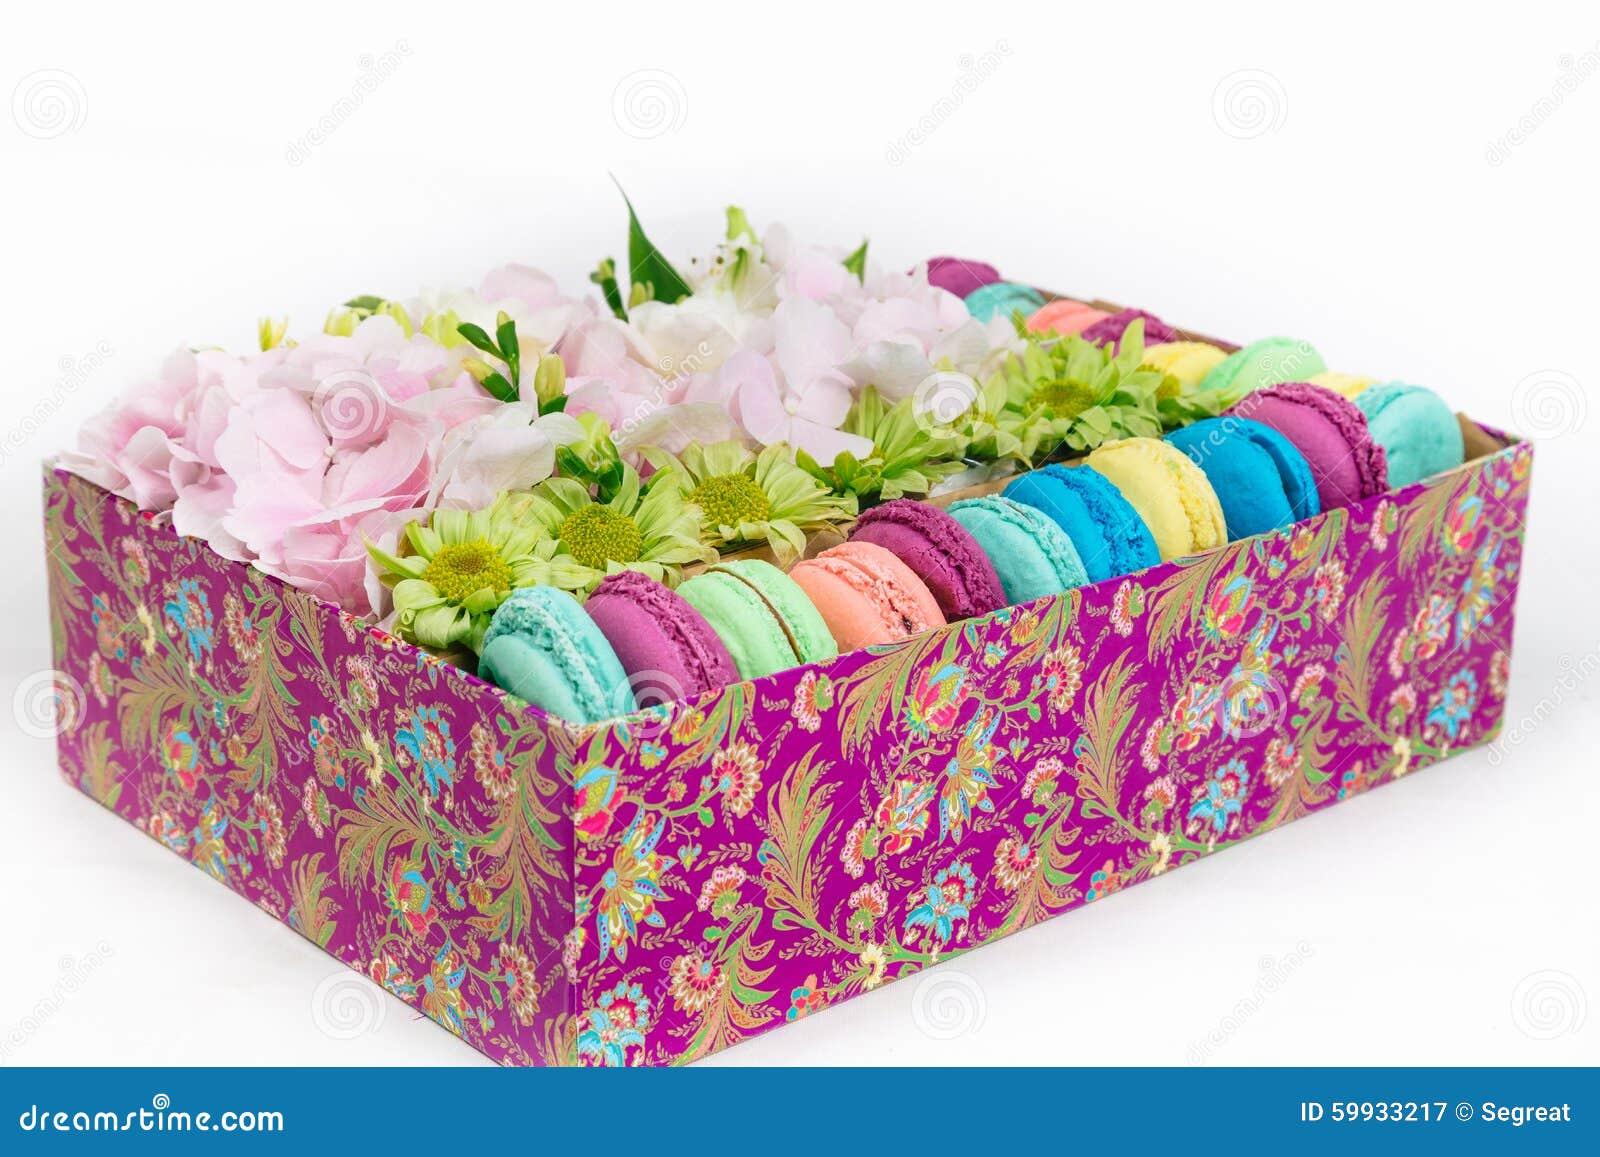 Fleurs et macaron dans la bo te photo stock image 59933217 for Bouquet de fleurs dans une boite